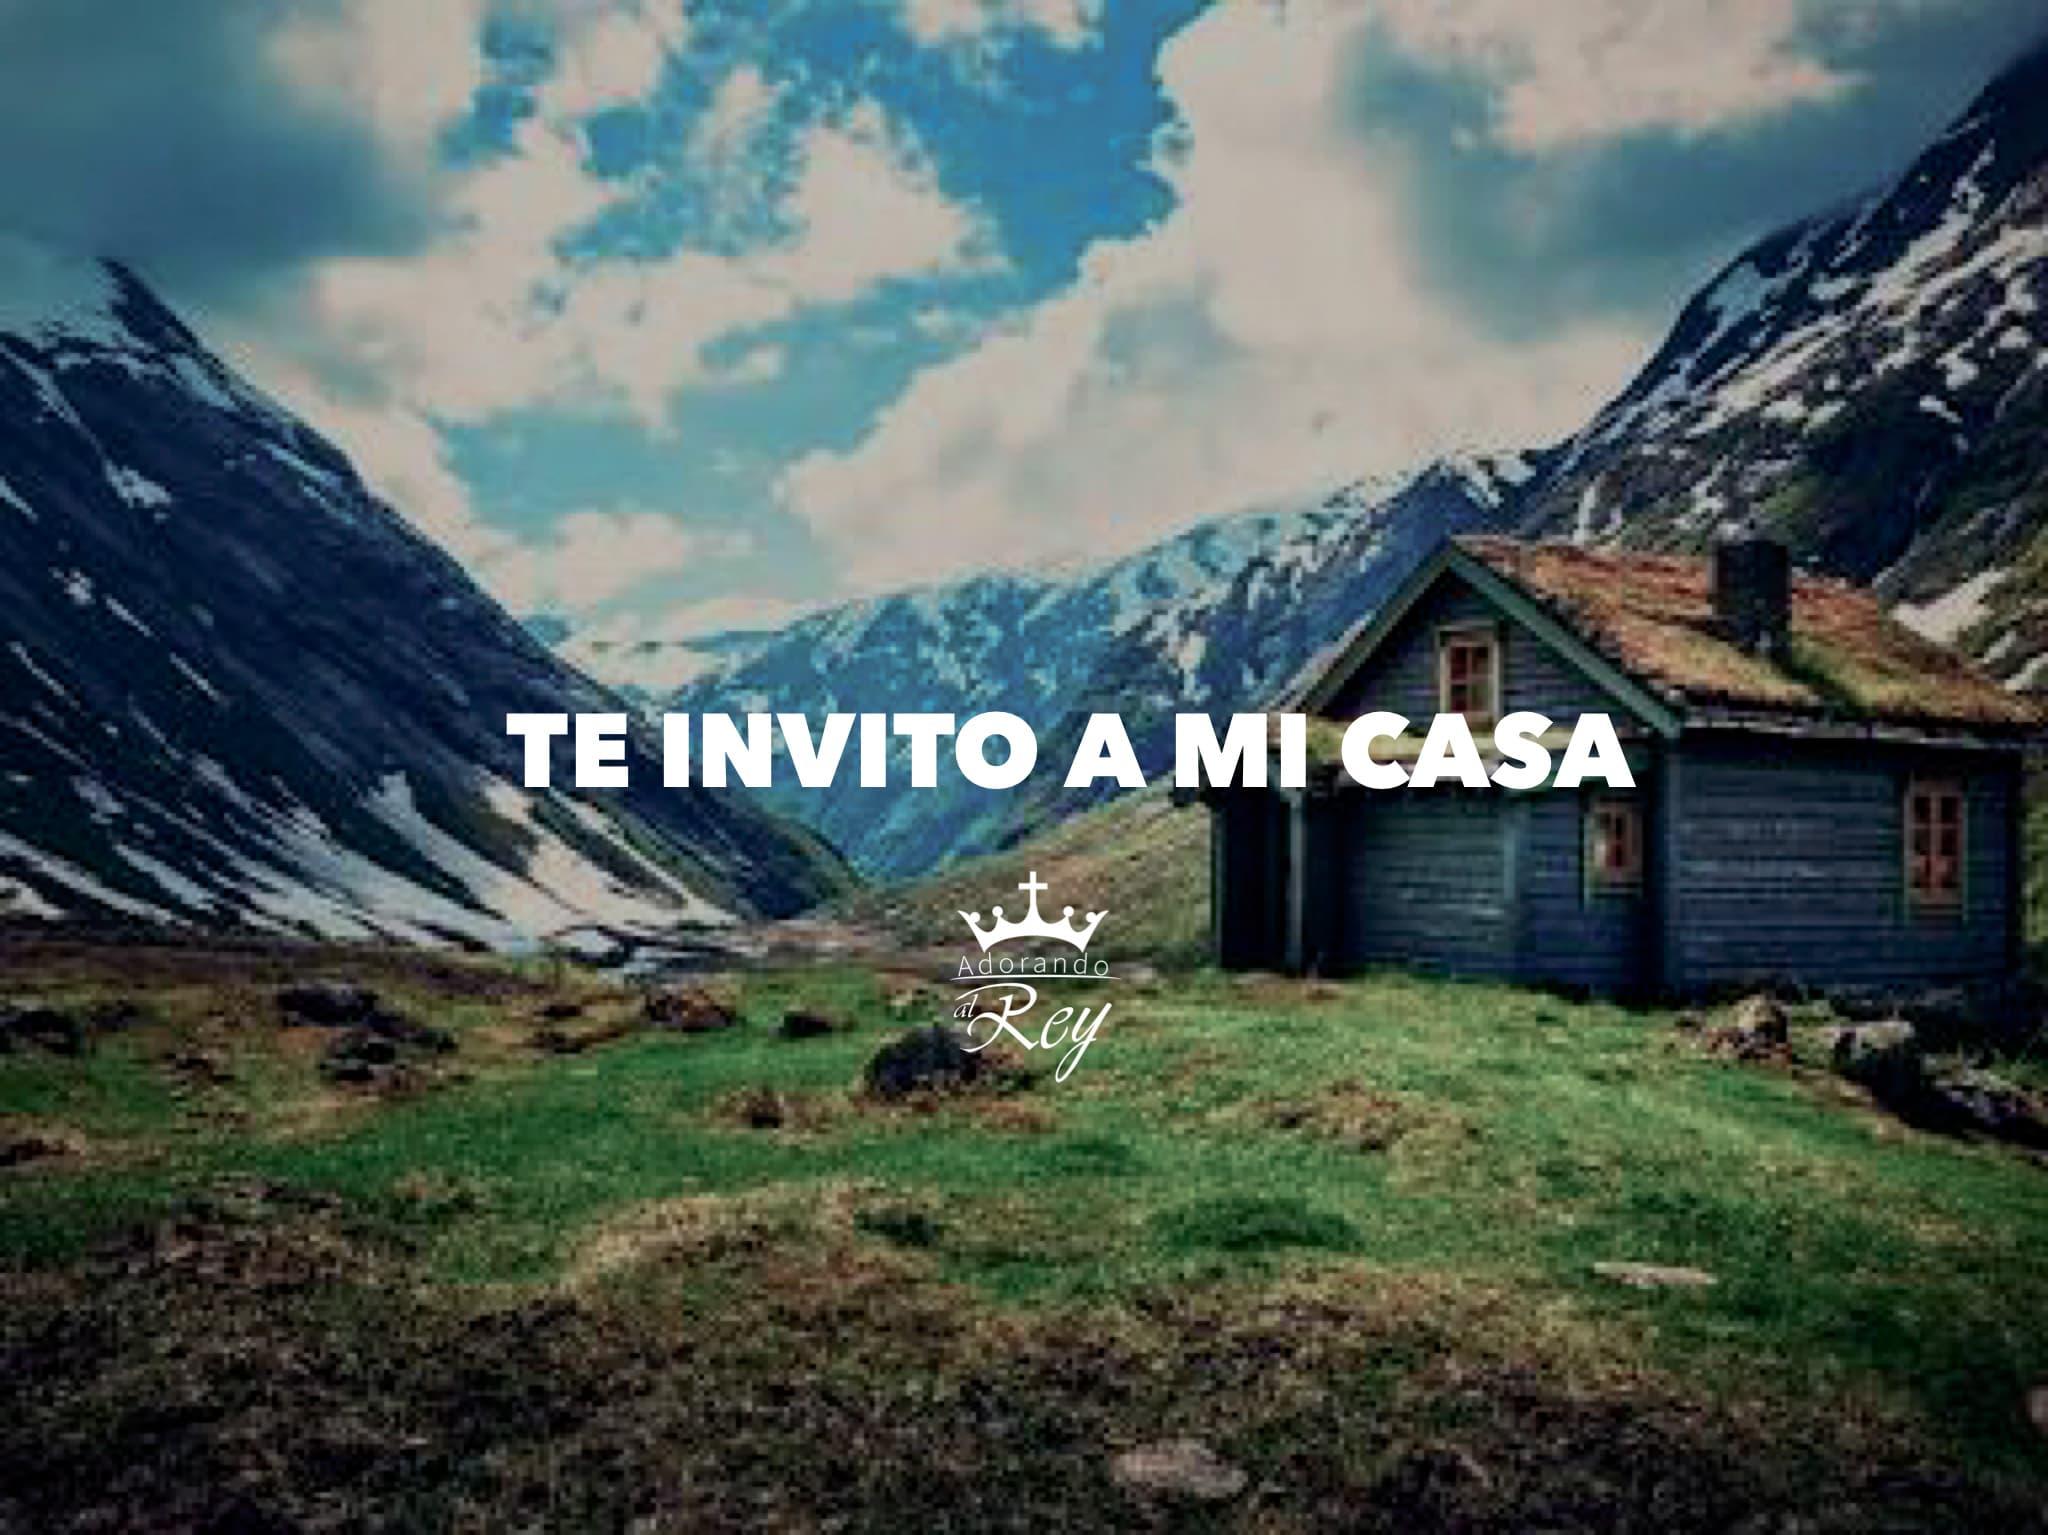 Te invito a mi casa